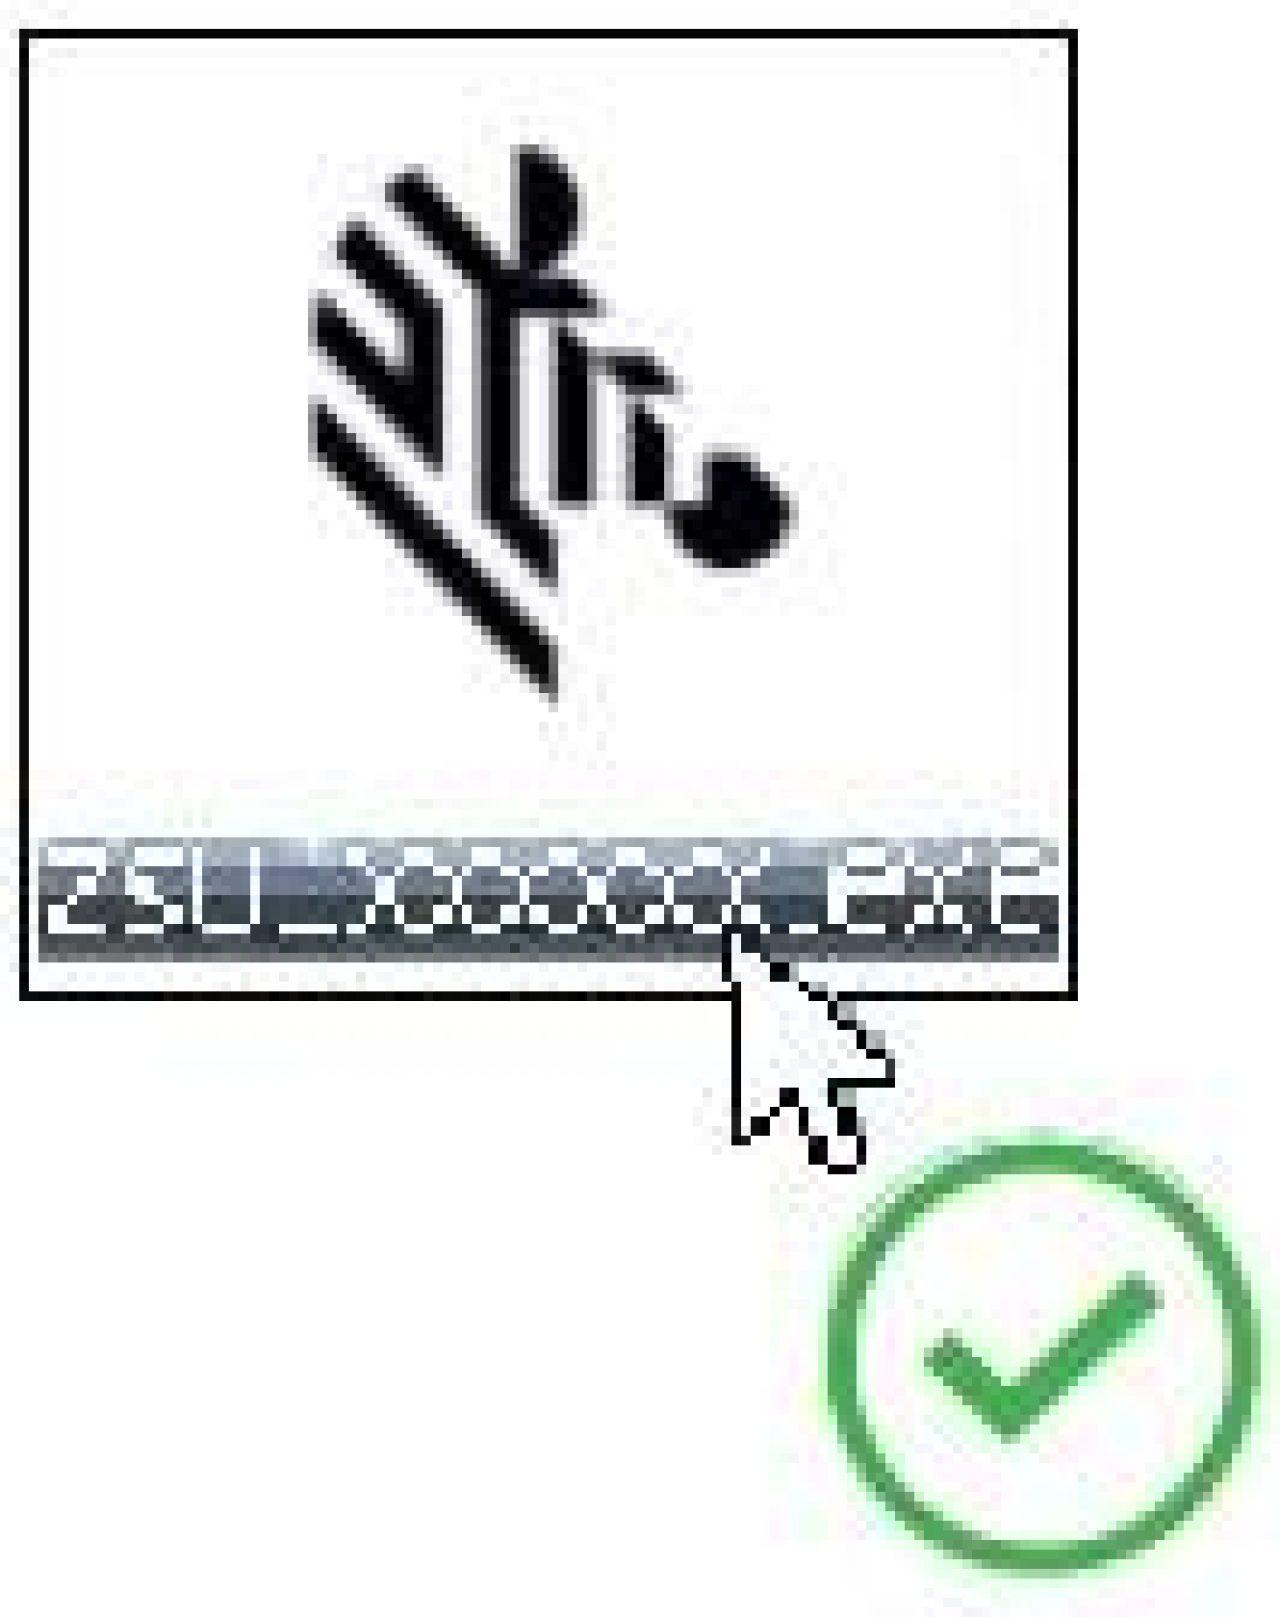 Captura de pantalla del archivo ejecutable Zebra Setup Utilities